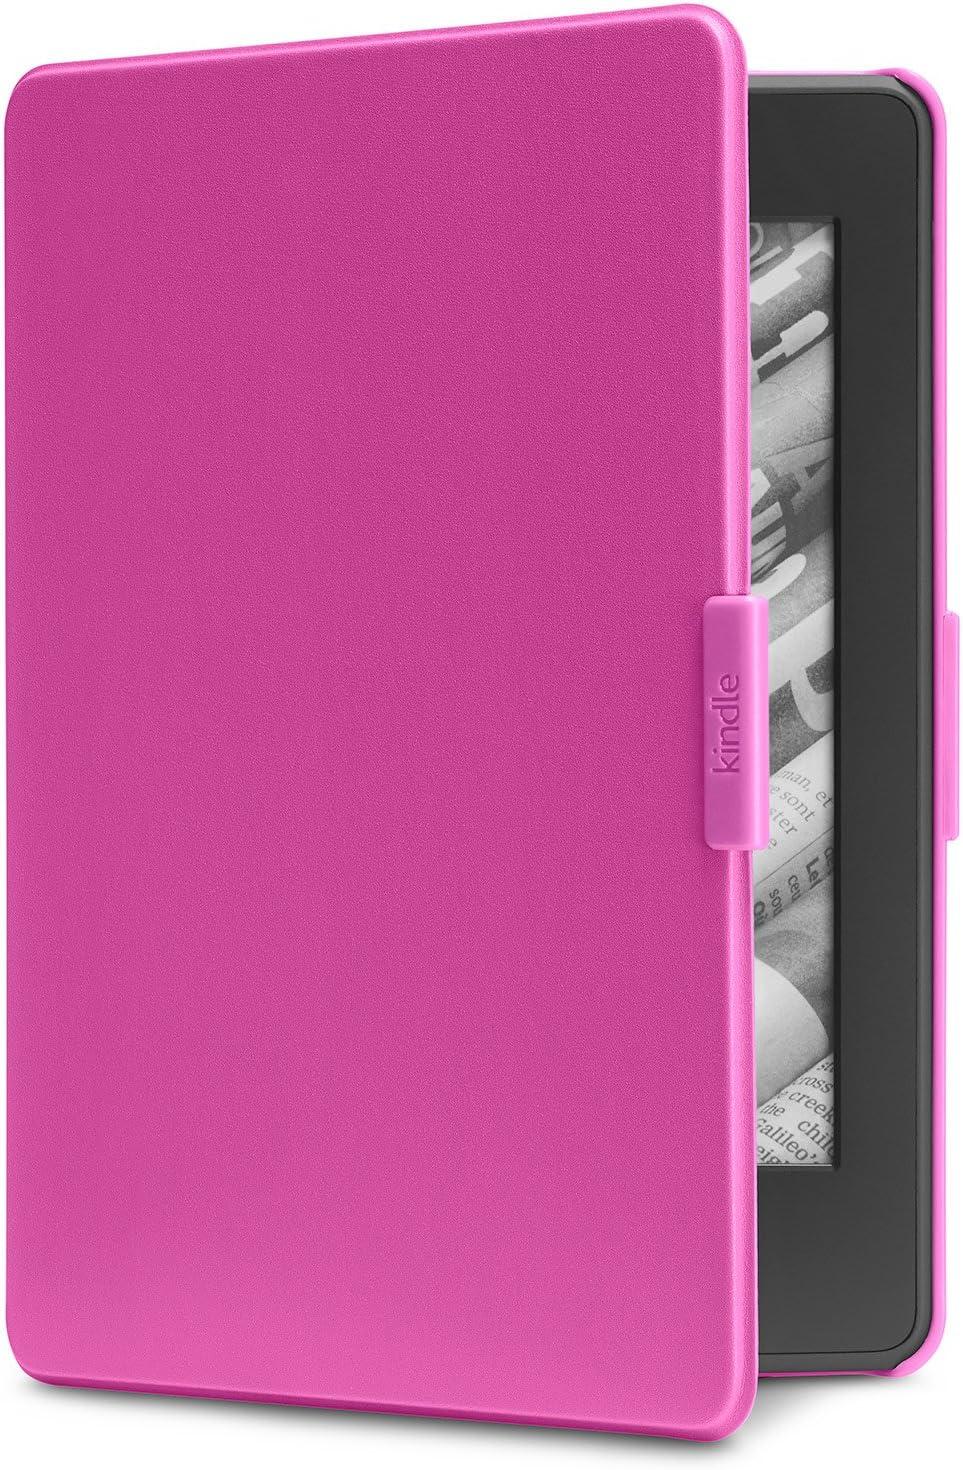 Amazon - Funda protectora para Kindle Paperwhite, color magenta - compatible con todas las generaciones de Kindle Paperwhite